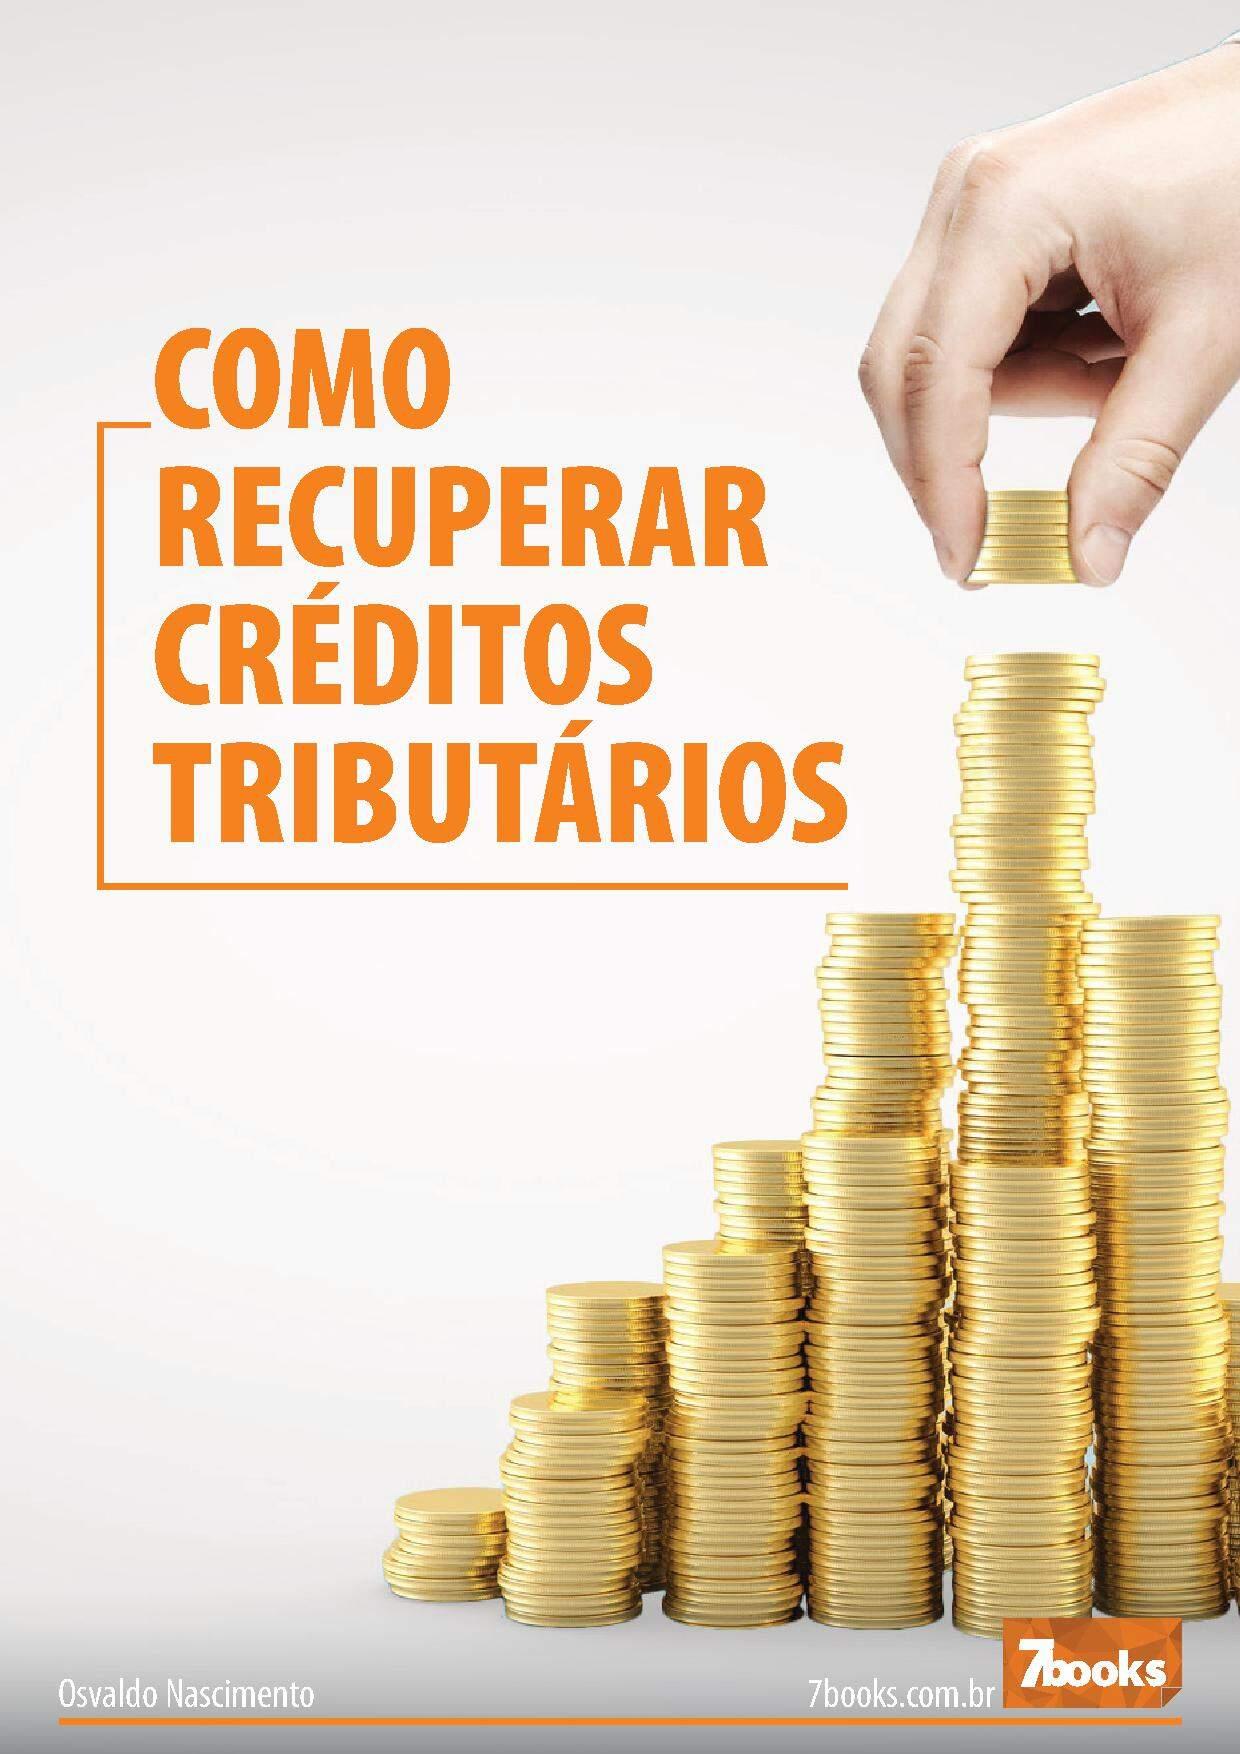 Contador reúne 27 teses jurídicas sobre Recuperação de créditos tributários